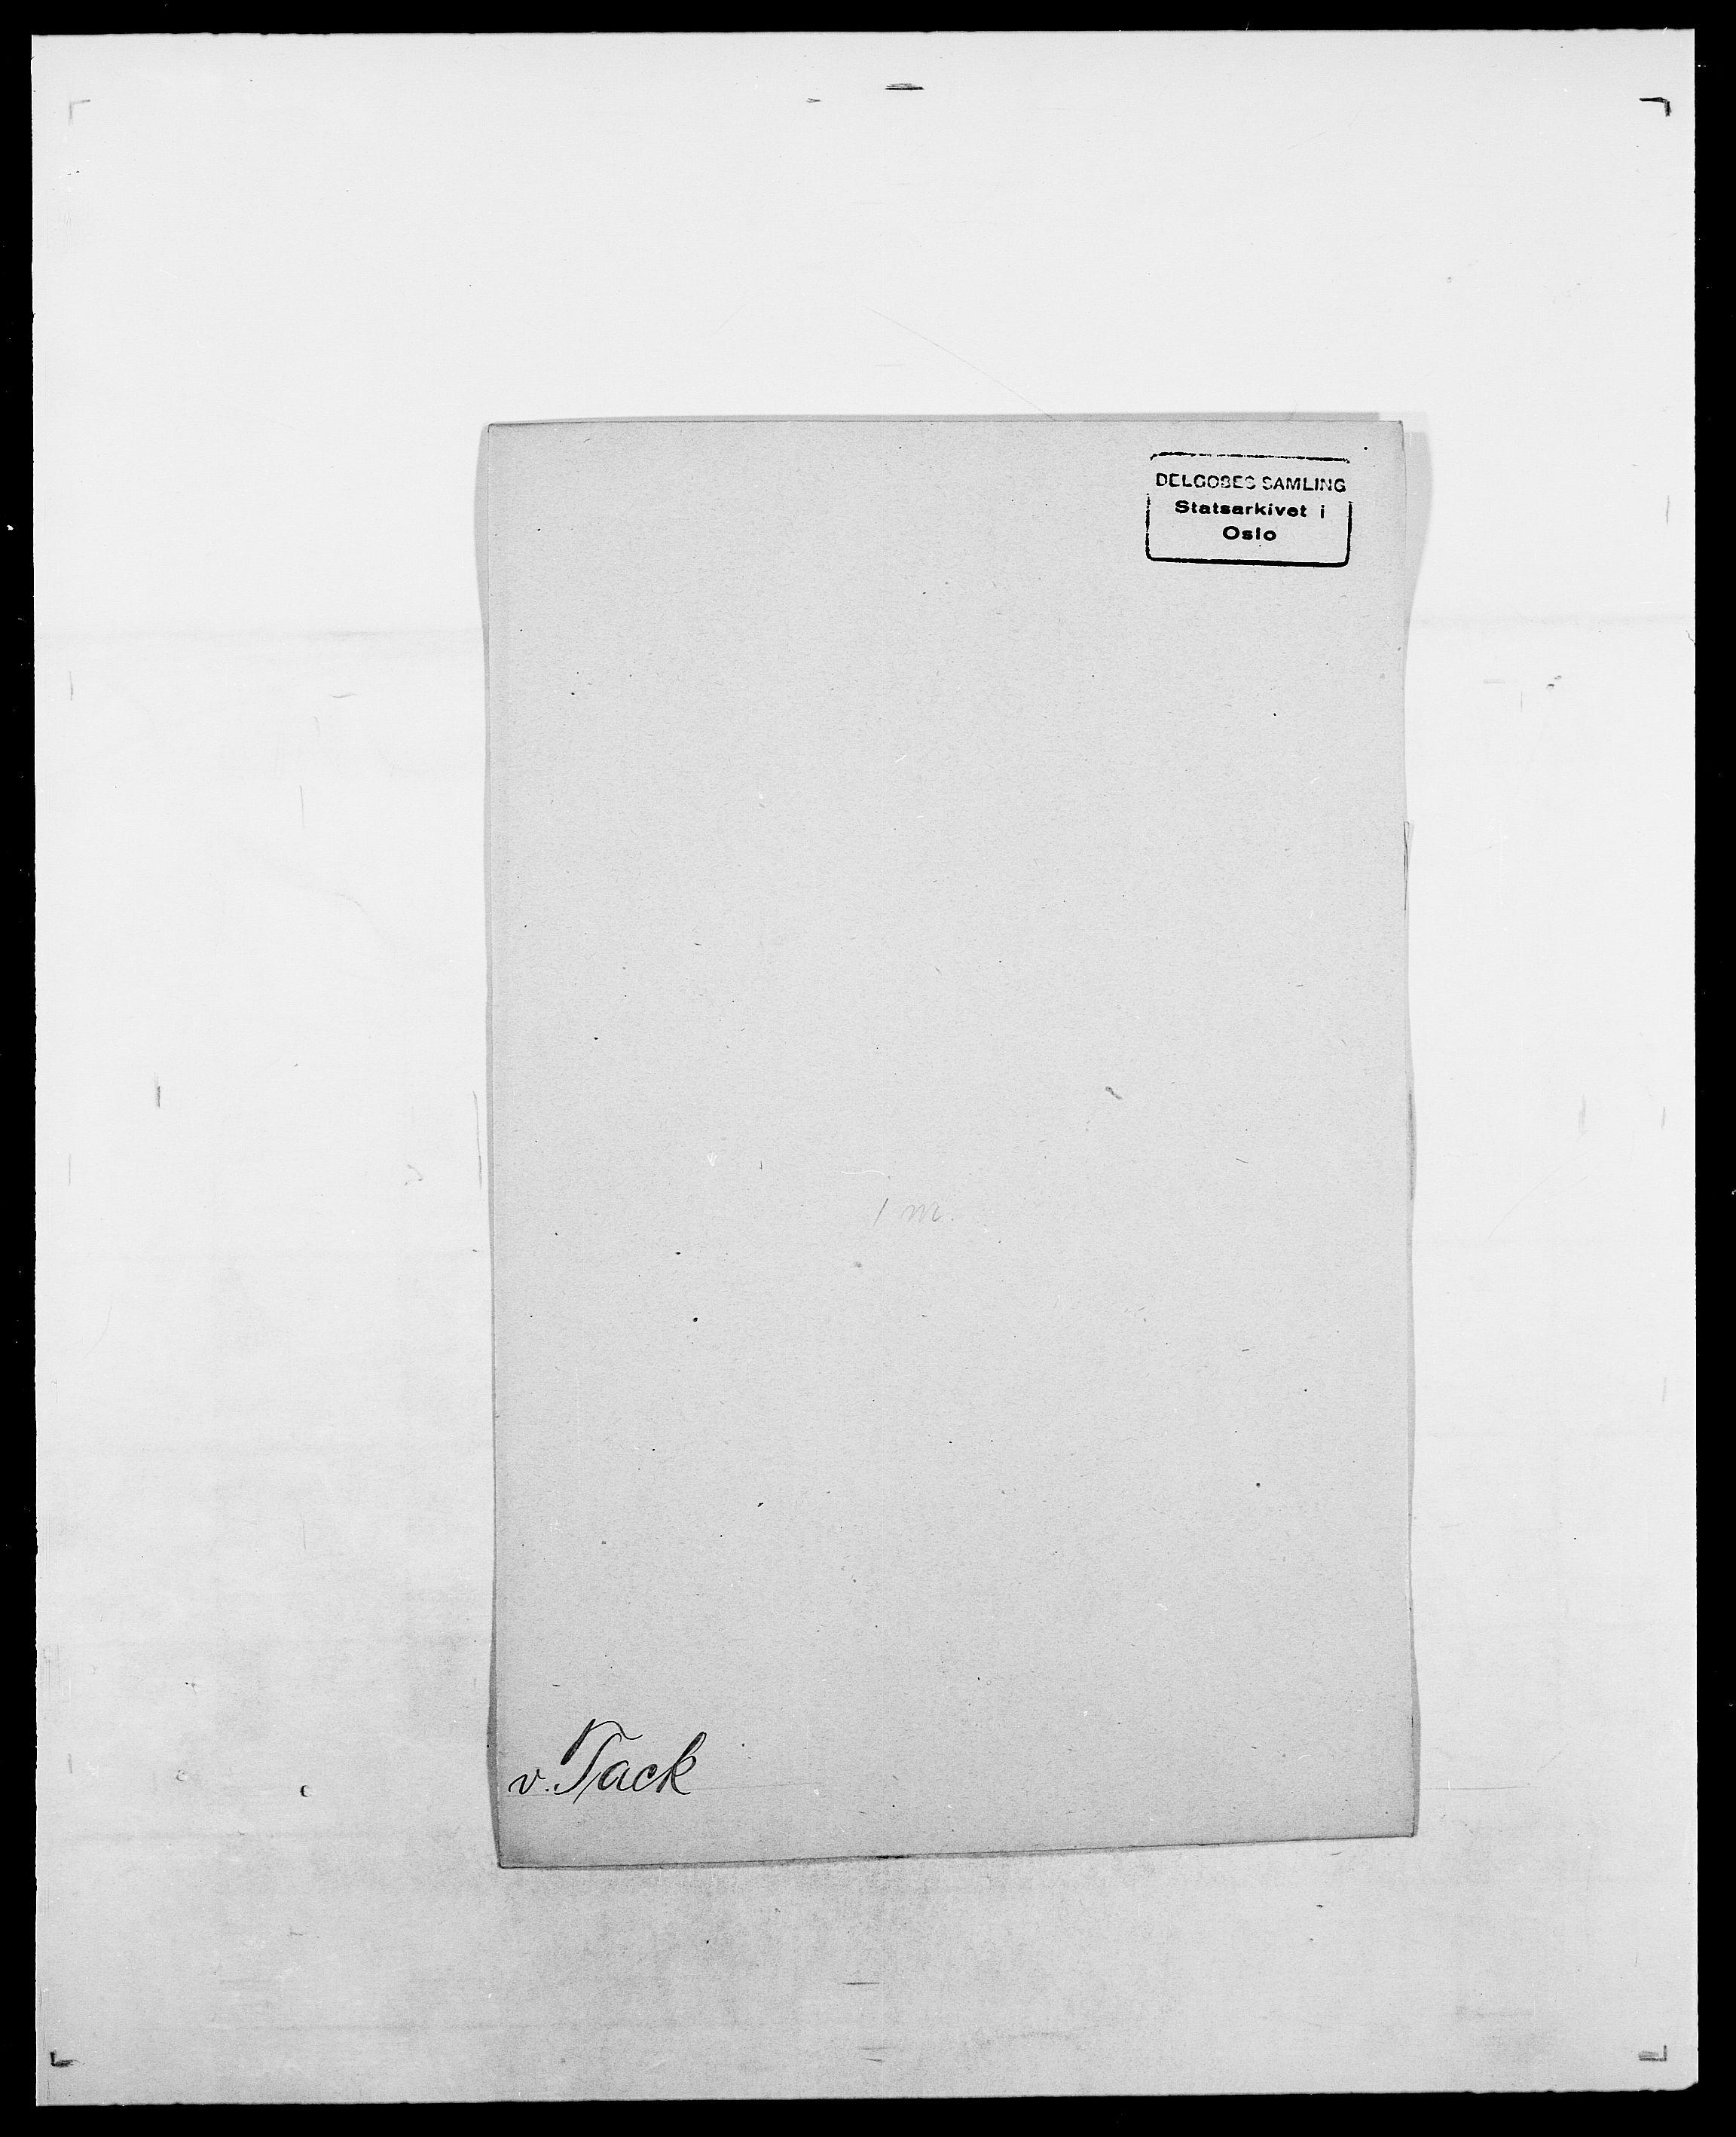 SAO, Delgobe, Charles Antoine - samling, D/Da/L0038: Svanenskjold - Thornsohn, s. 266